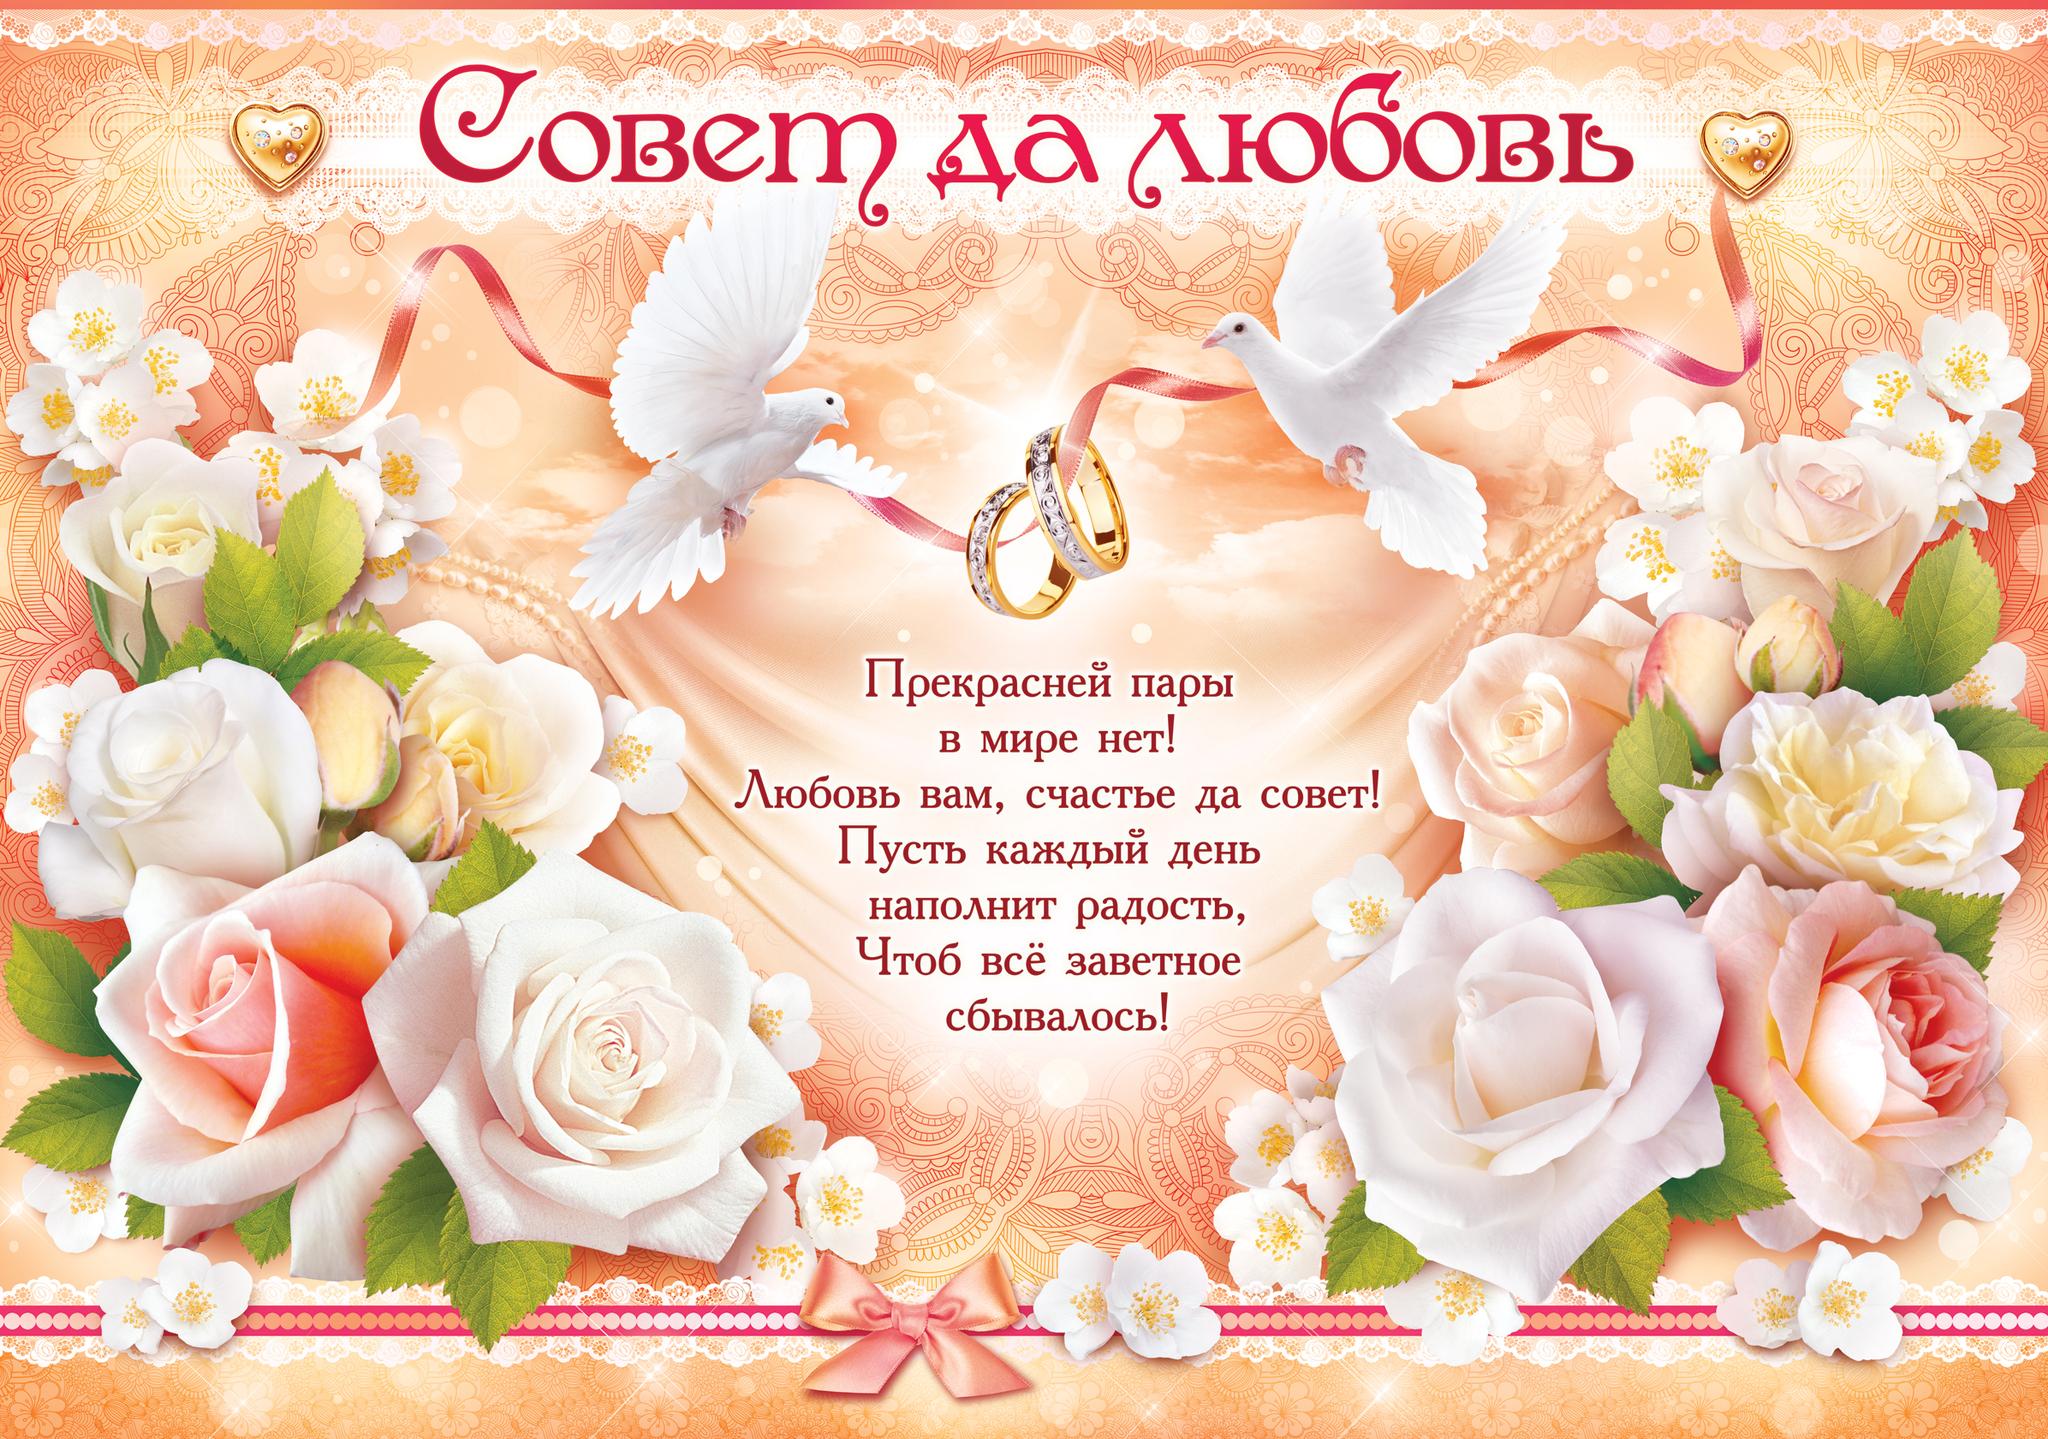 Поздравления невесте с годовщиной свадьбы